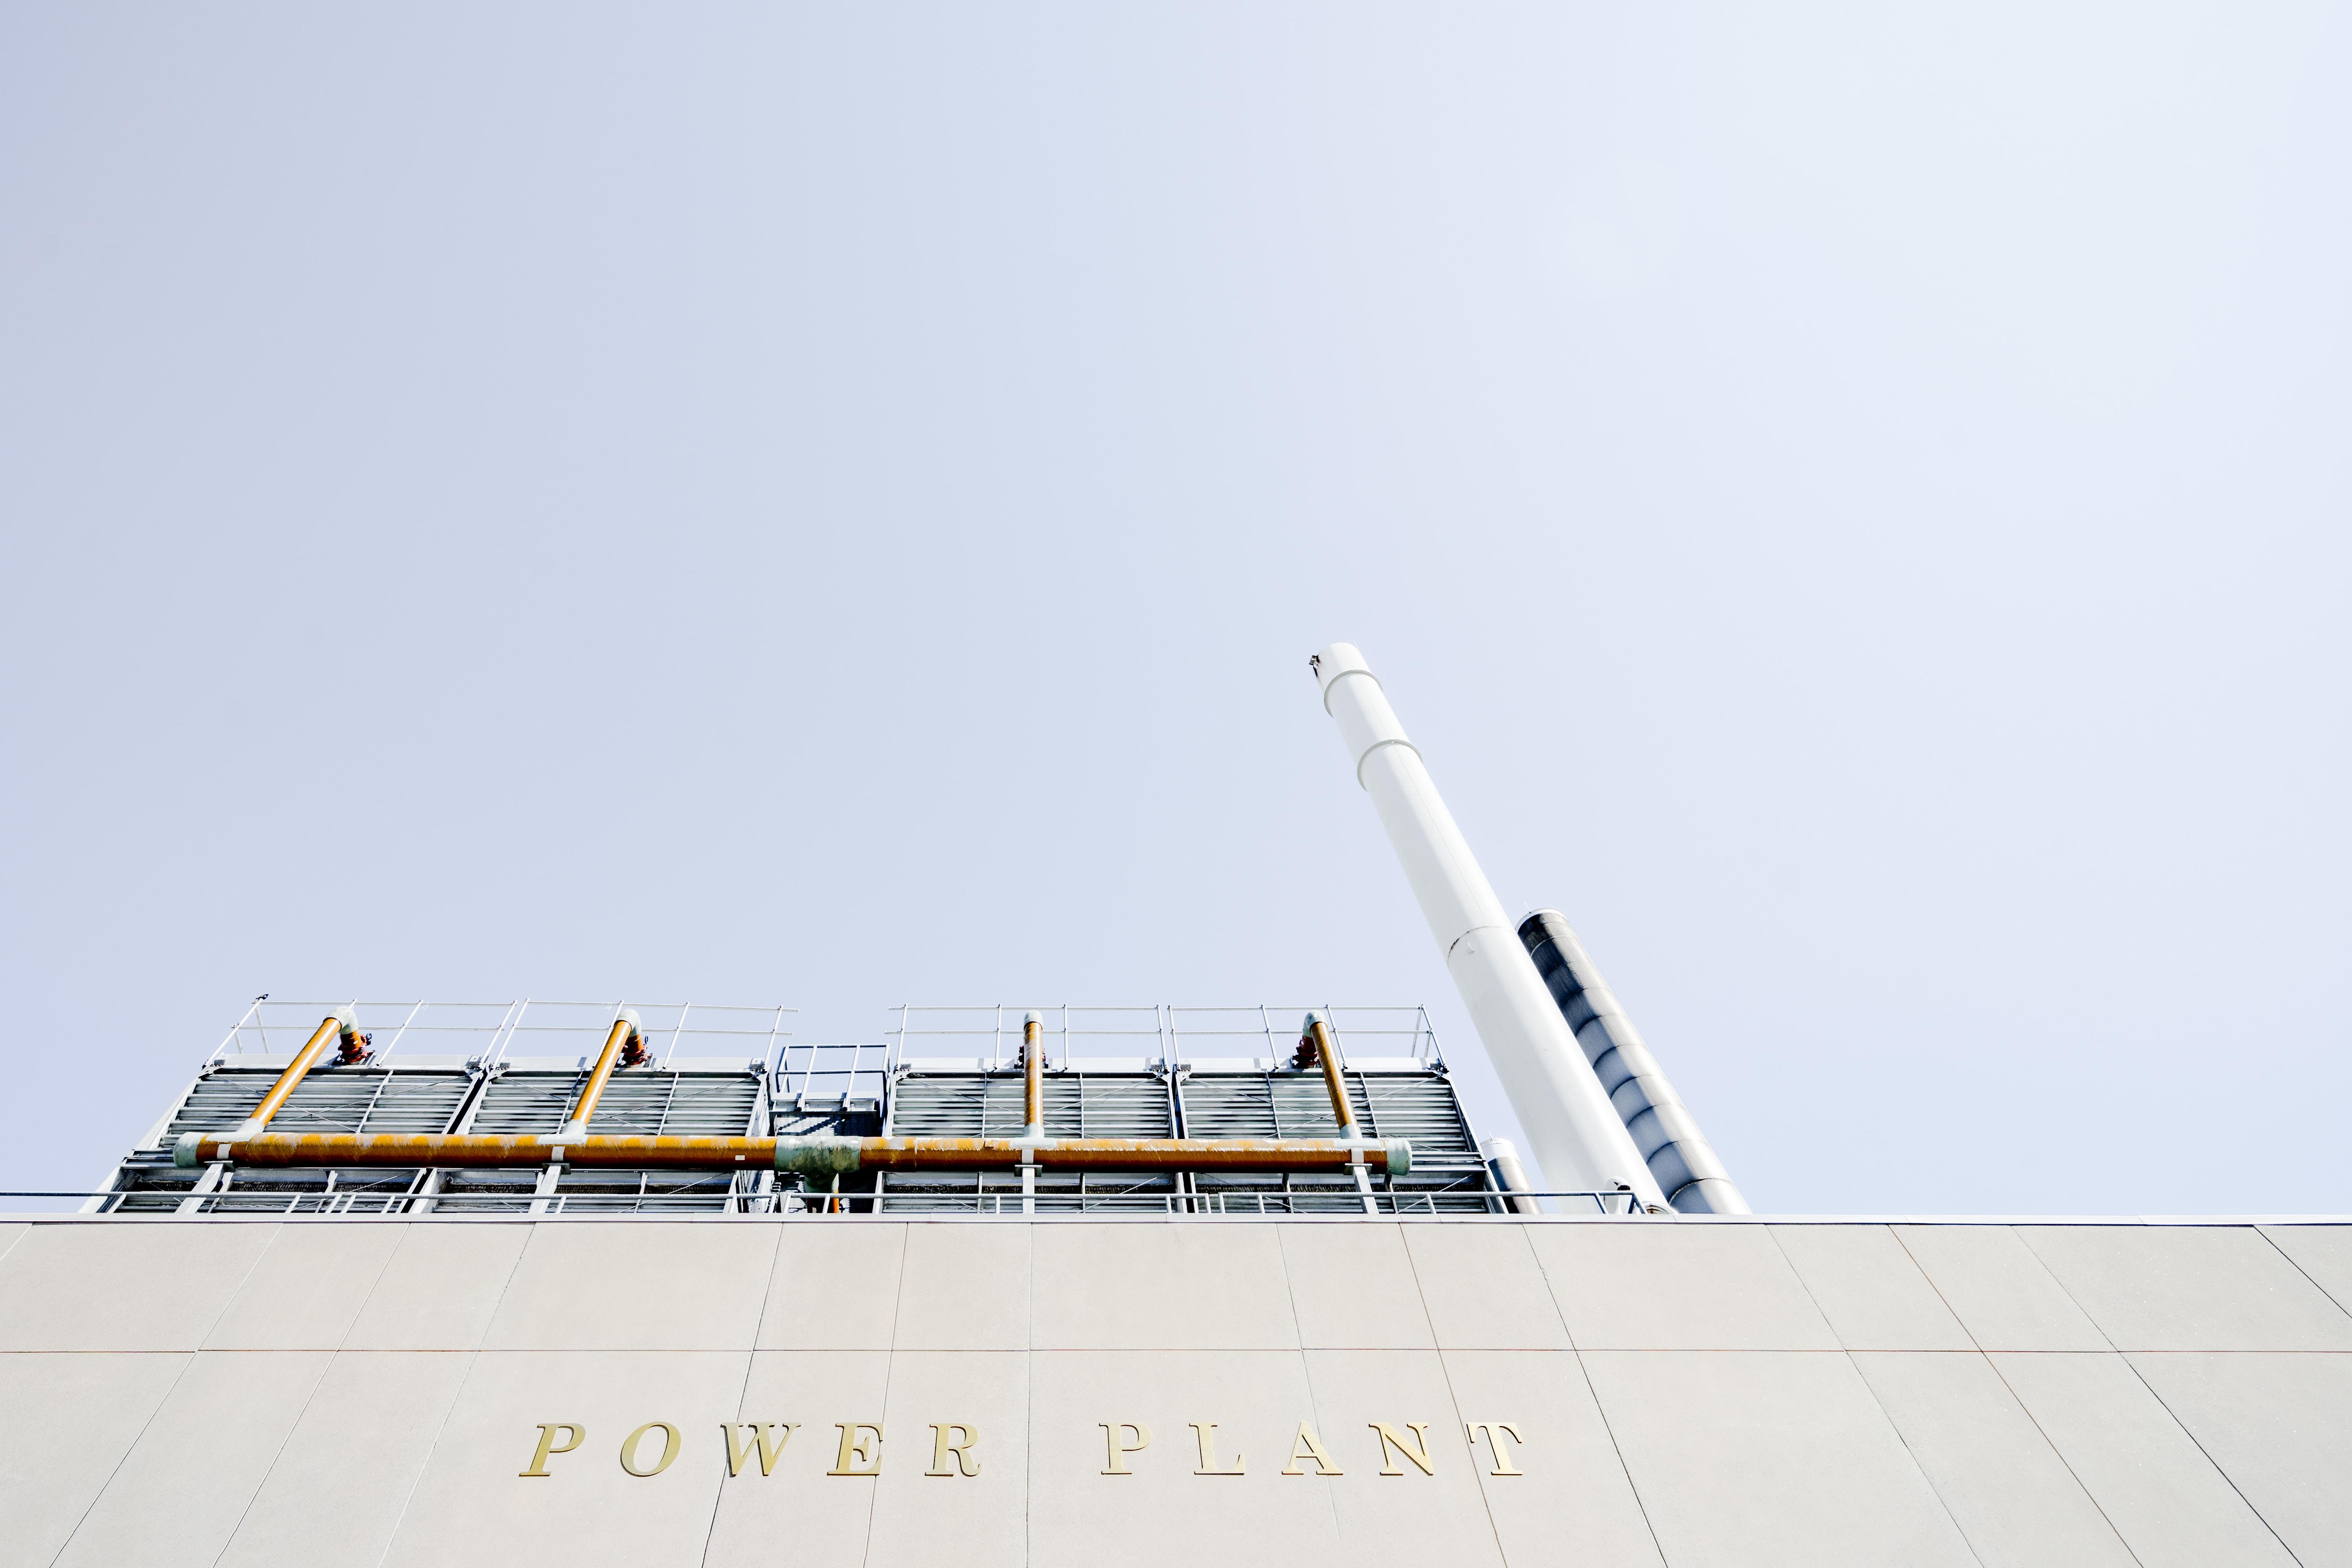 Trotz Turbinen-Skandal: Siemens schliesst Großauftrag mit Unternehmen in Russland ab